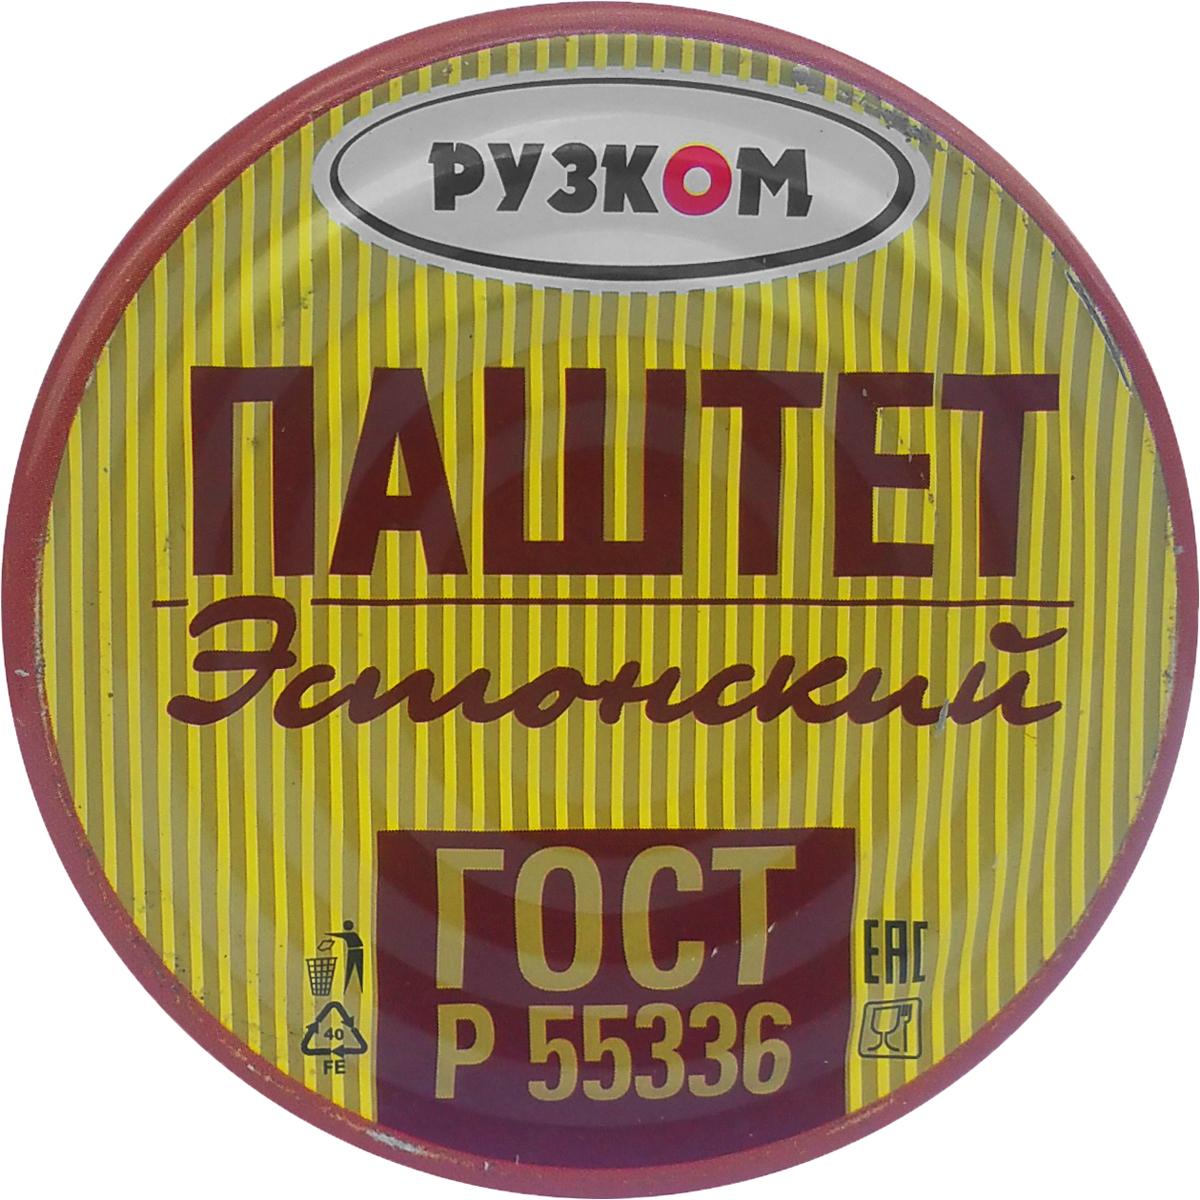 Рузком Эстонский паштет литография, 117 г4606411012661Паштет Эстонский. Продукт готов к употреблению.